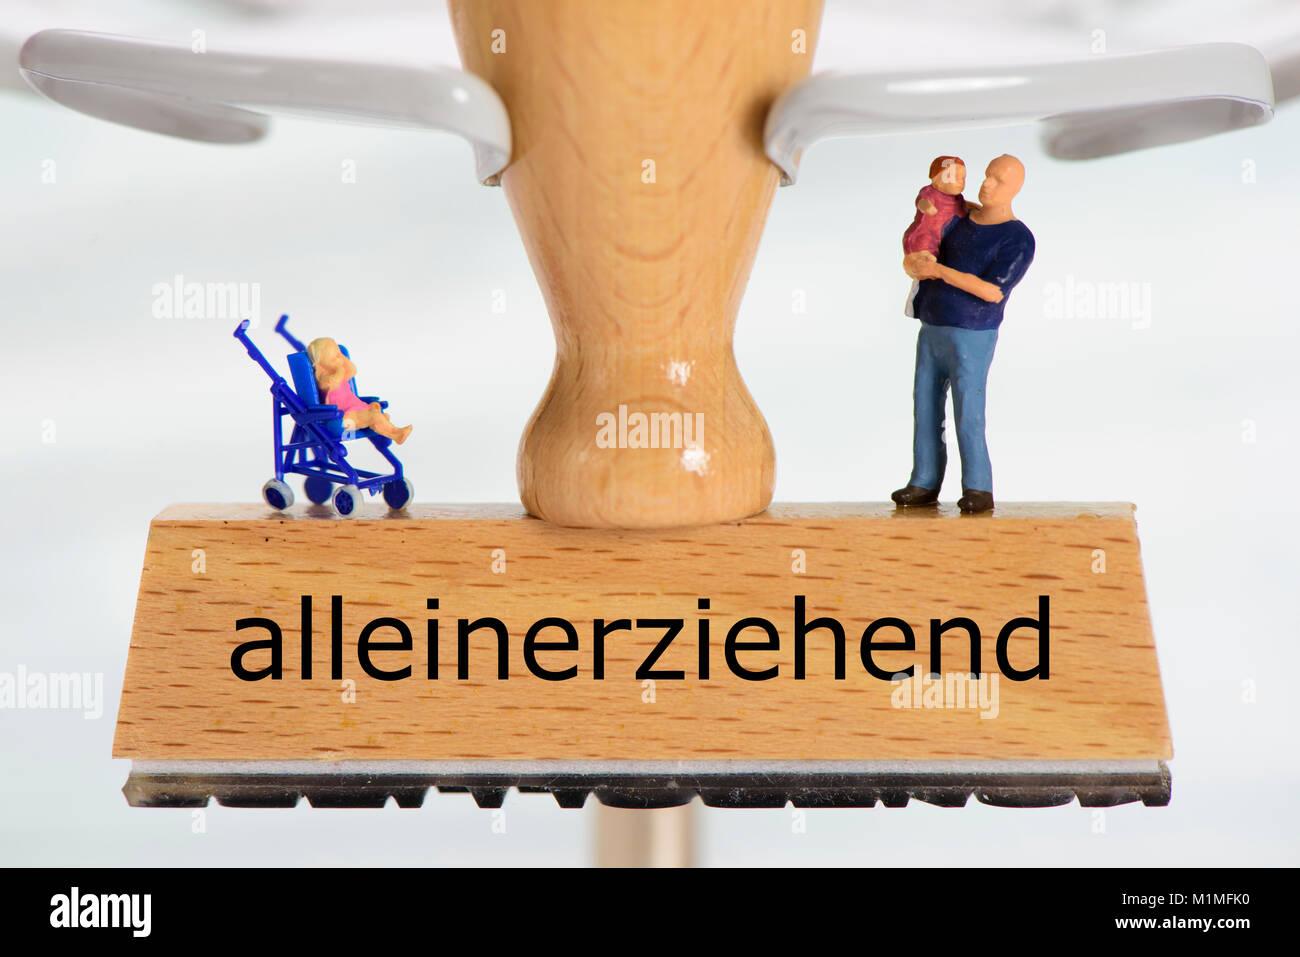 alleinerziehend gedruckt auf Holzstempel mit Vater und Kind Stock Photo